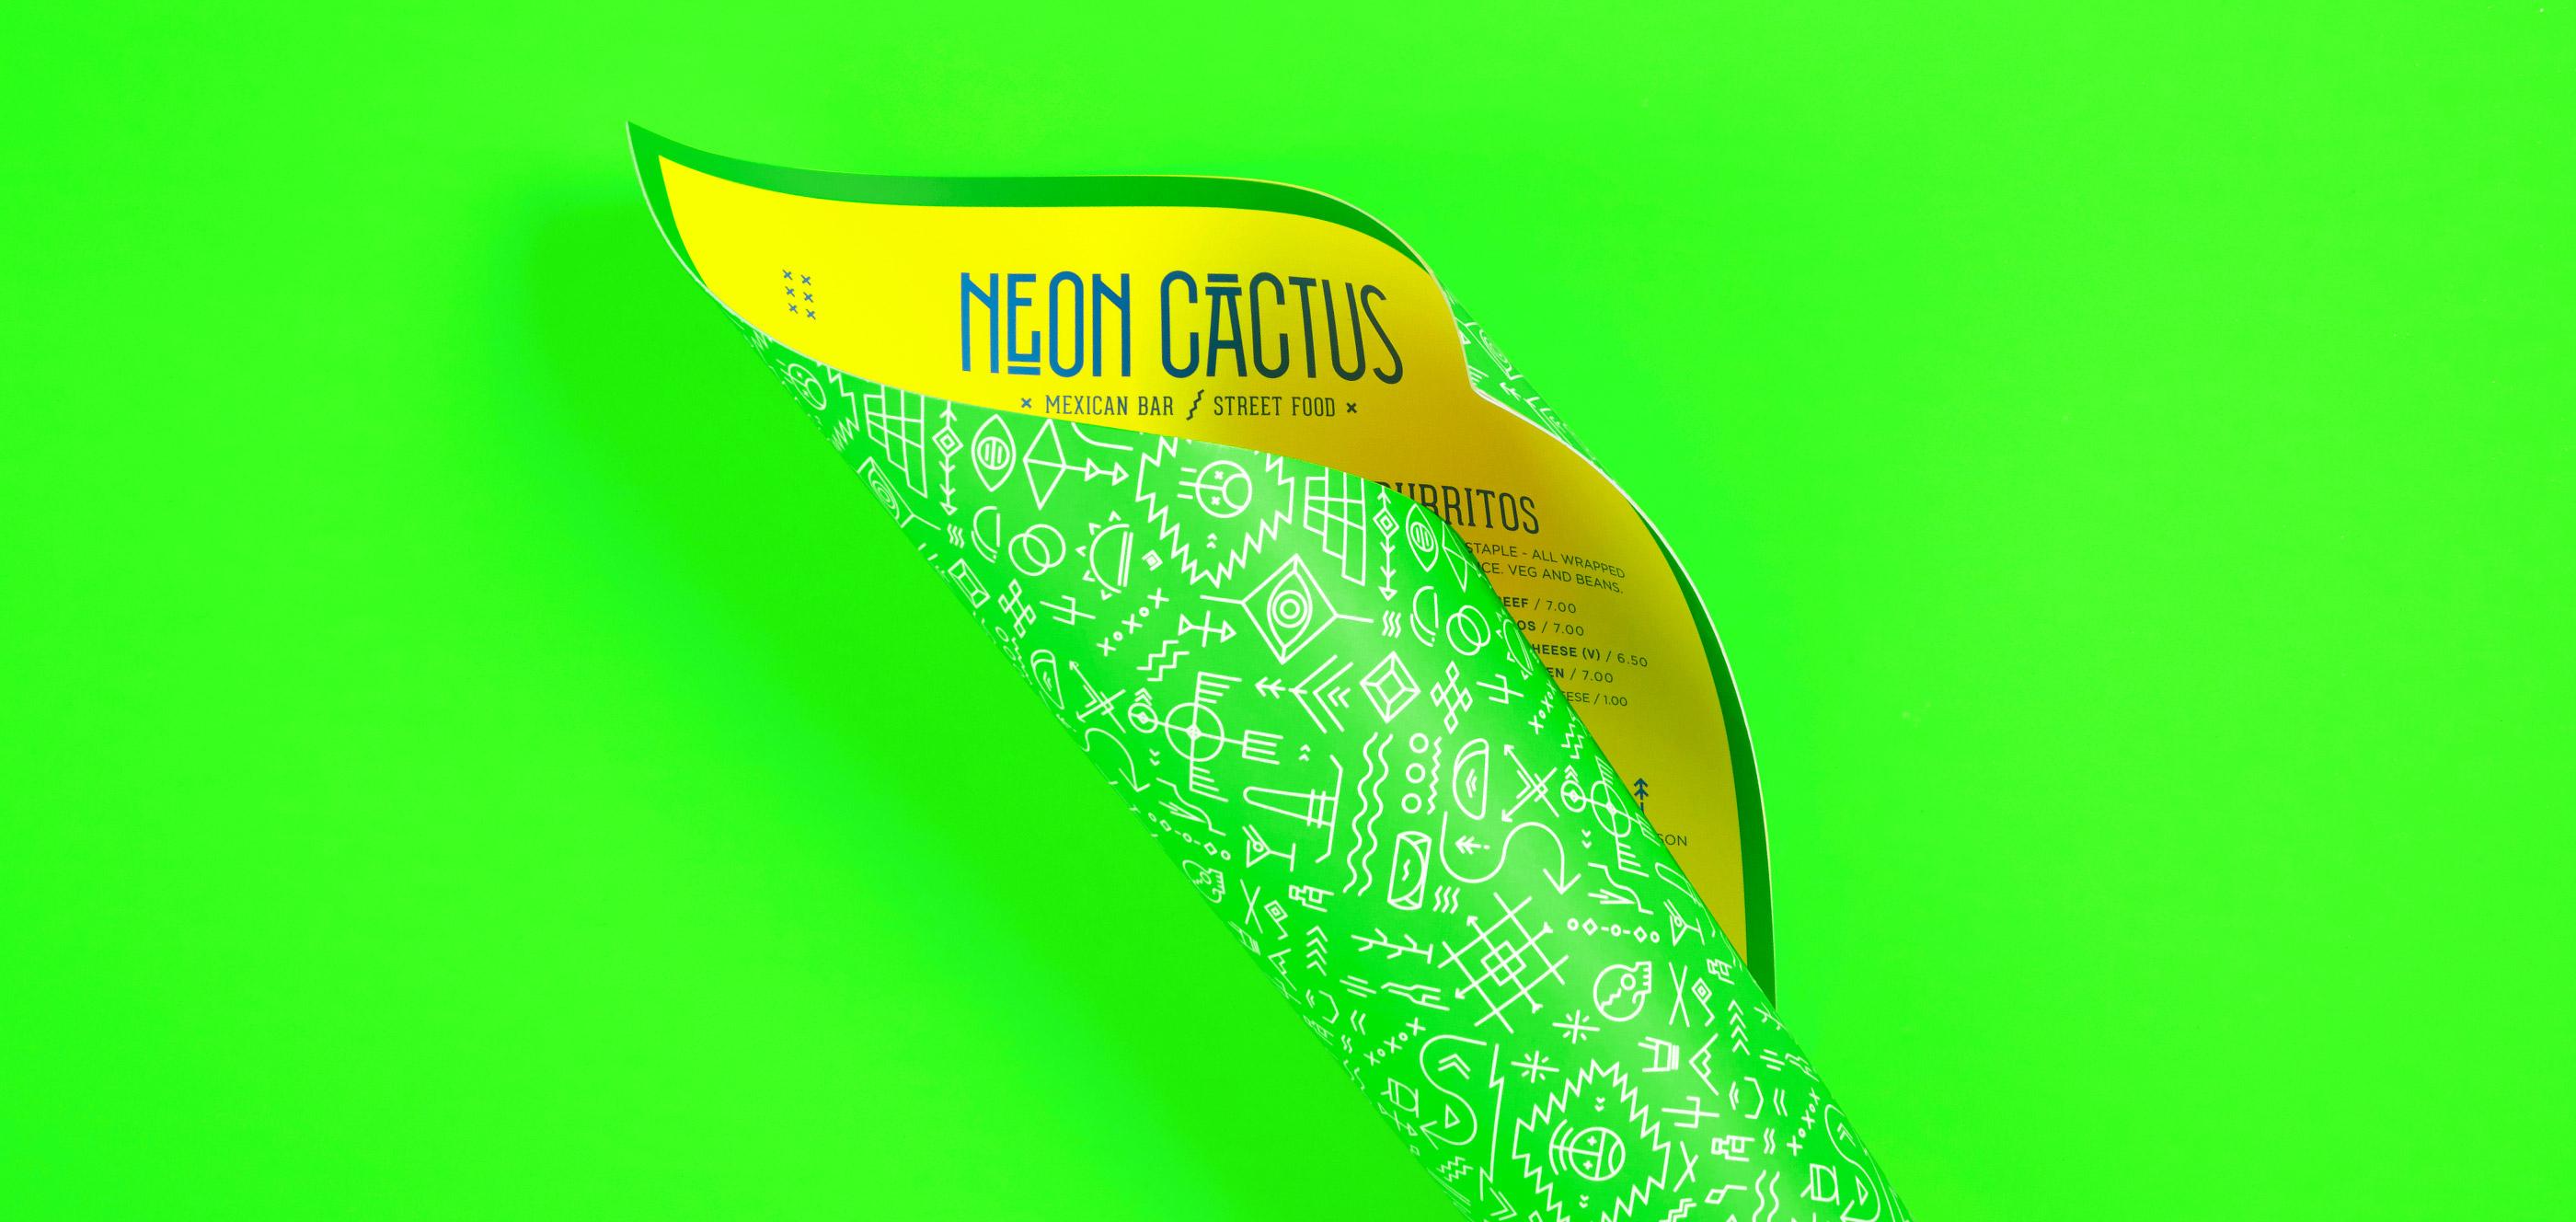 neon-cactus-19